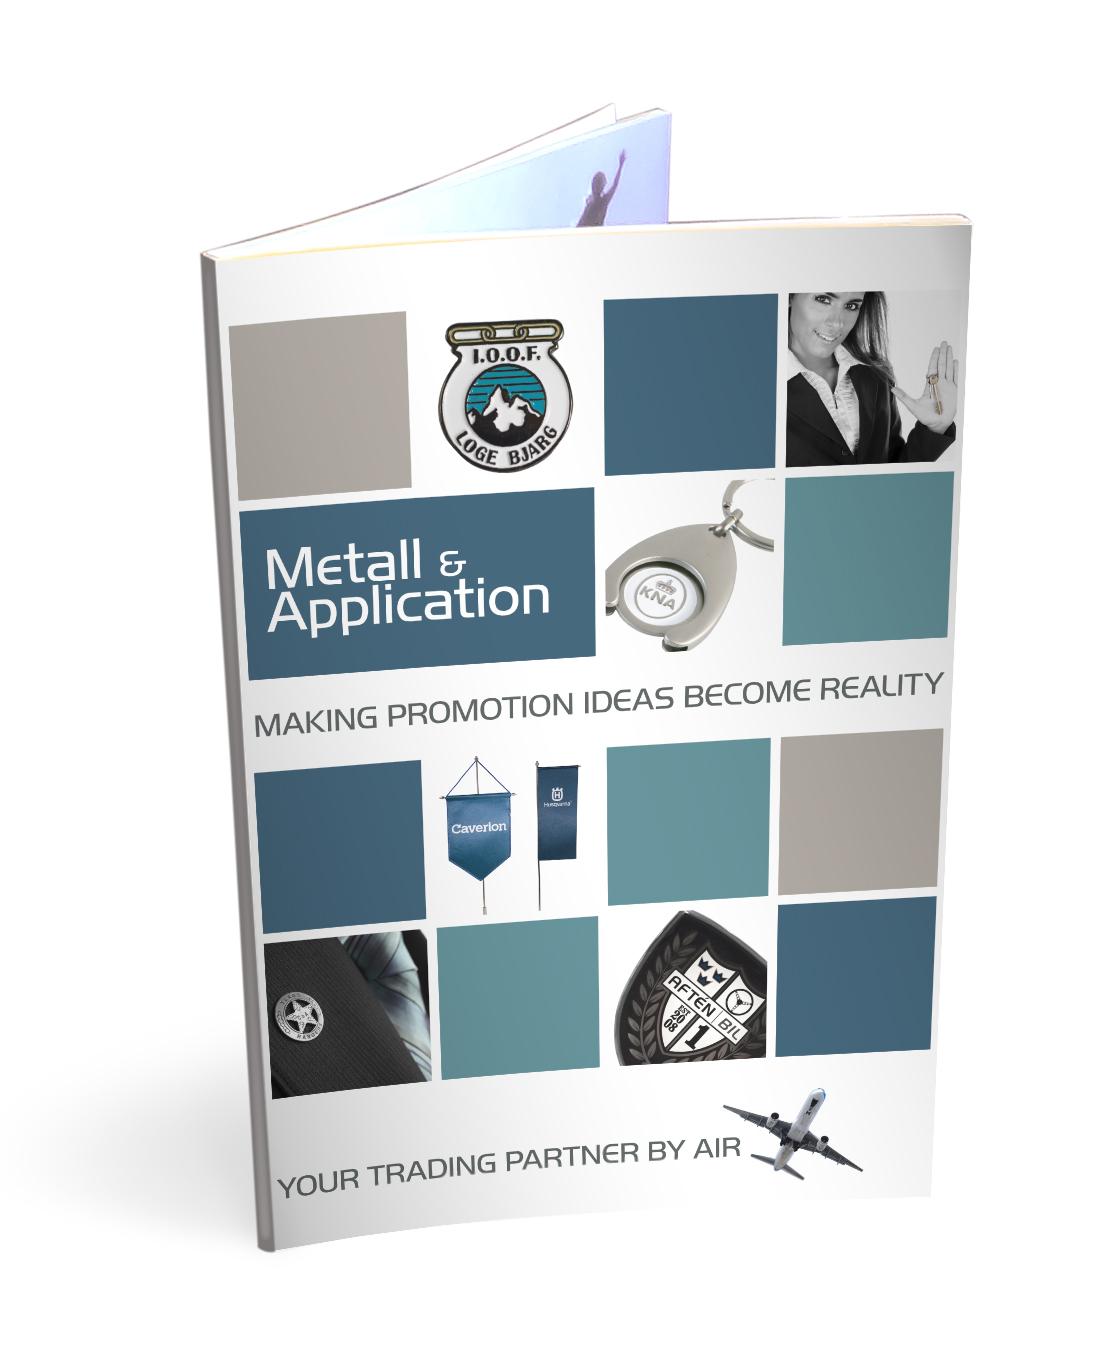 Metallmärken och applikationer